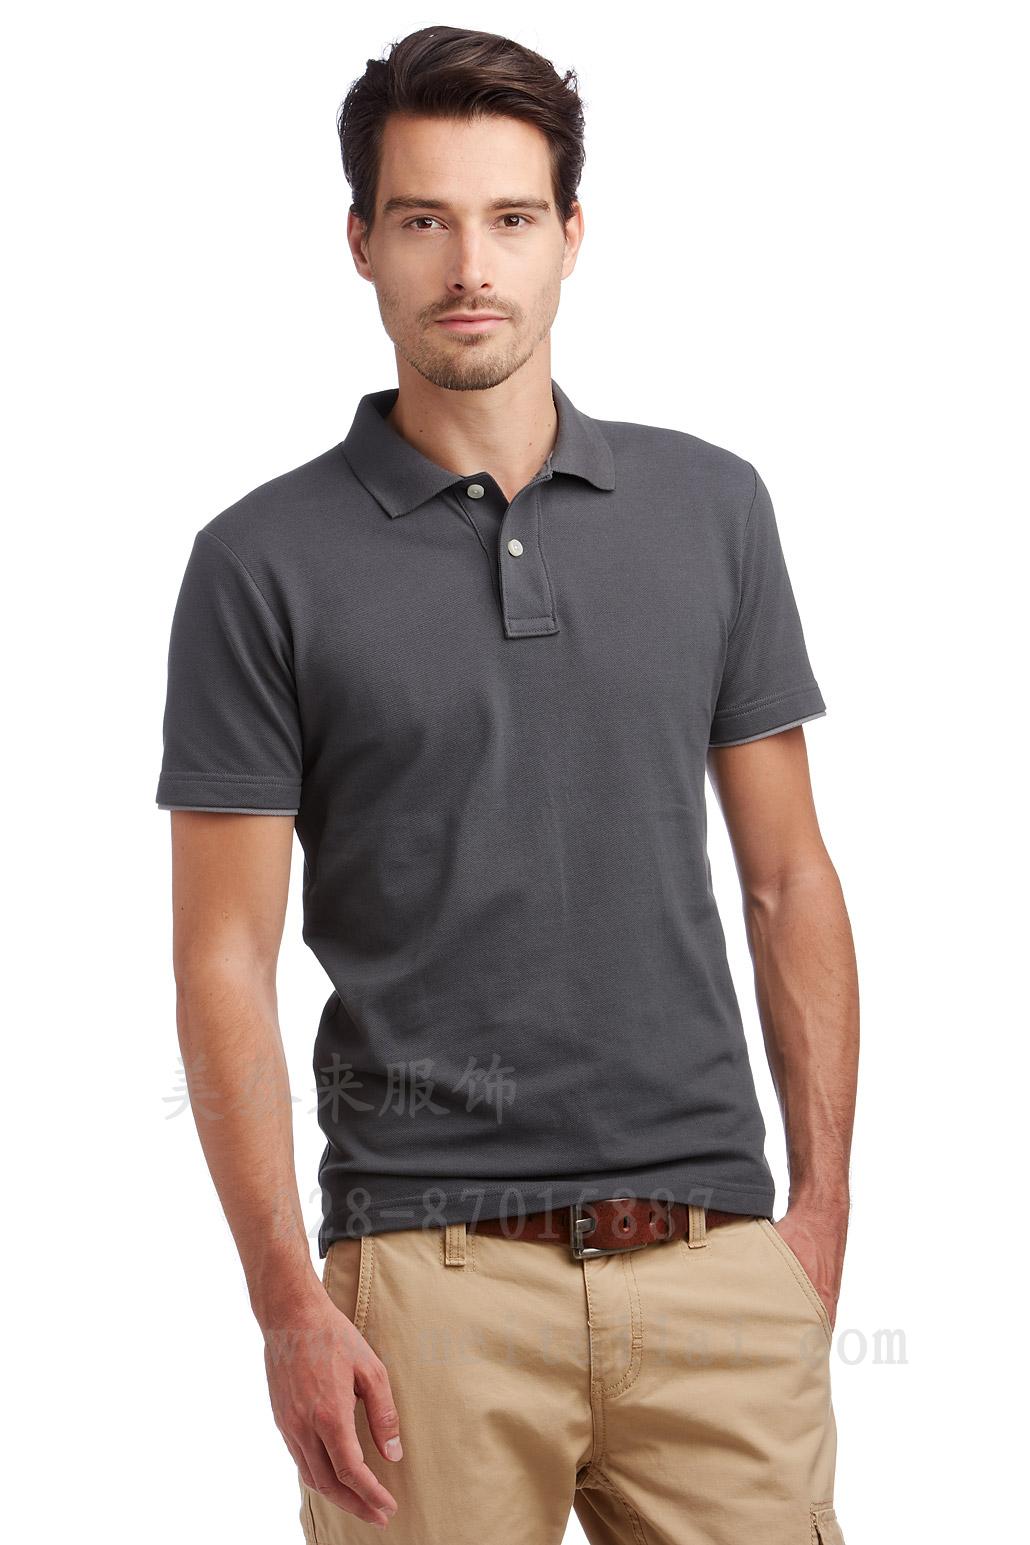 T恤定制定做公司_高品质的短袖T恤价格